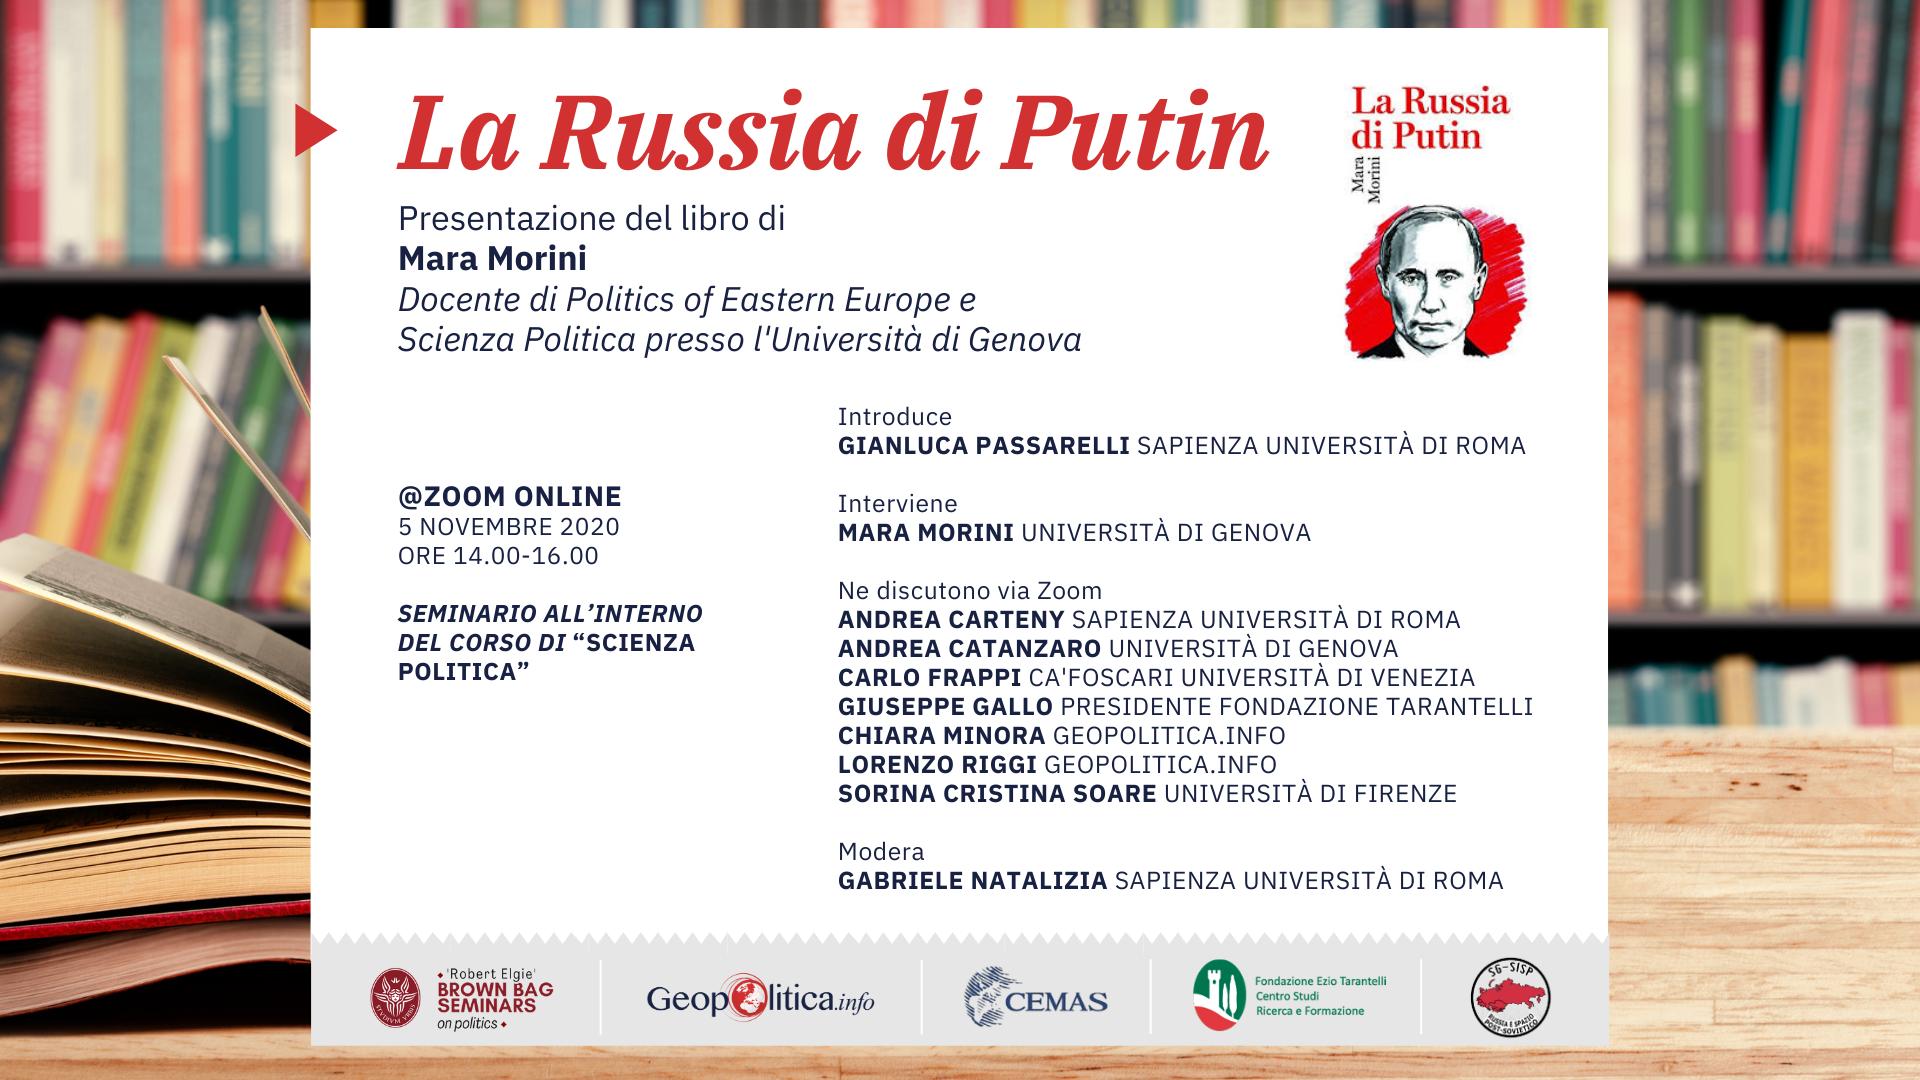 """Presentazione del libro """"La Russia di Putin"""" di Mara Morini -5 novembre 2020, 14.00 – 16.00- Webinar @Zoom - Geopolitica.info"""